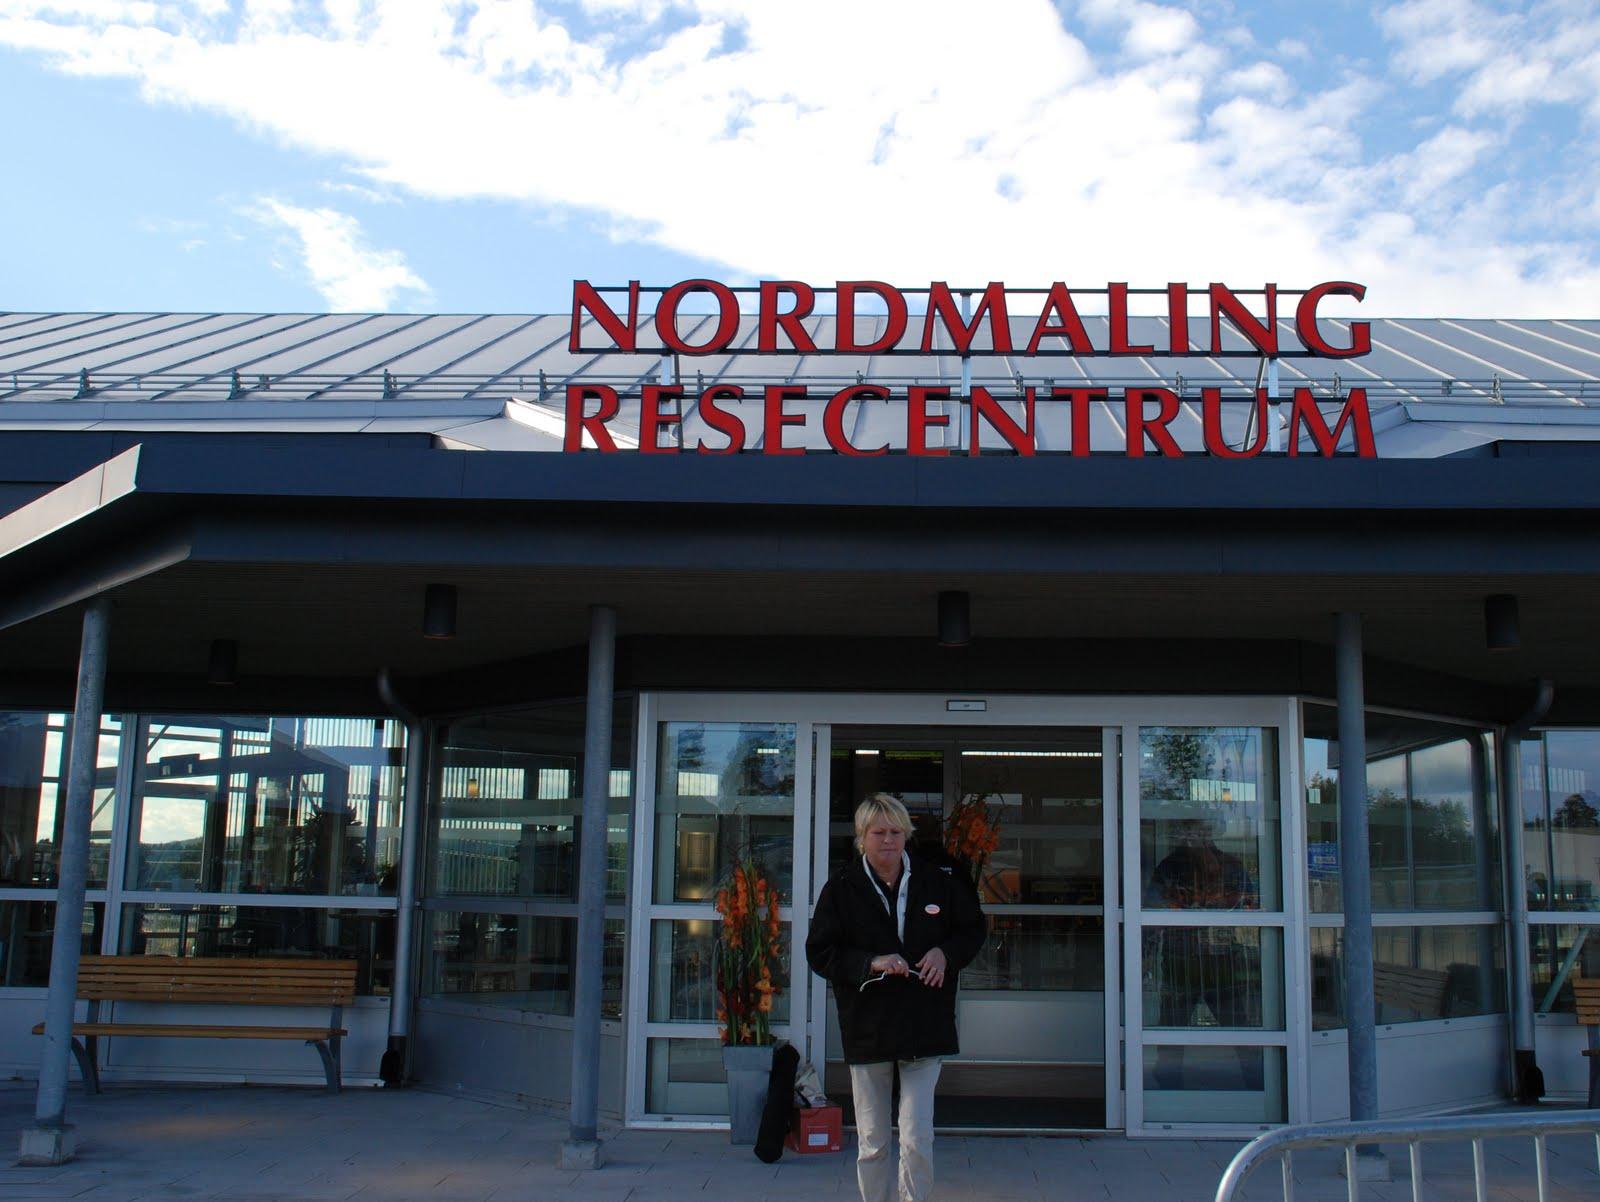 Sk - Nordmalings kommun